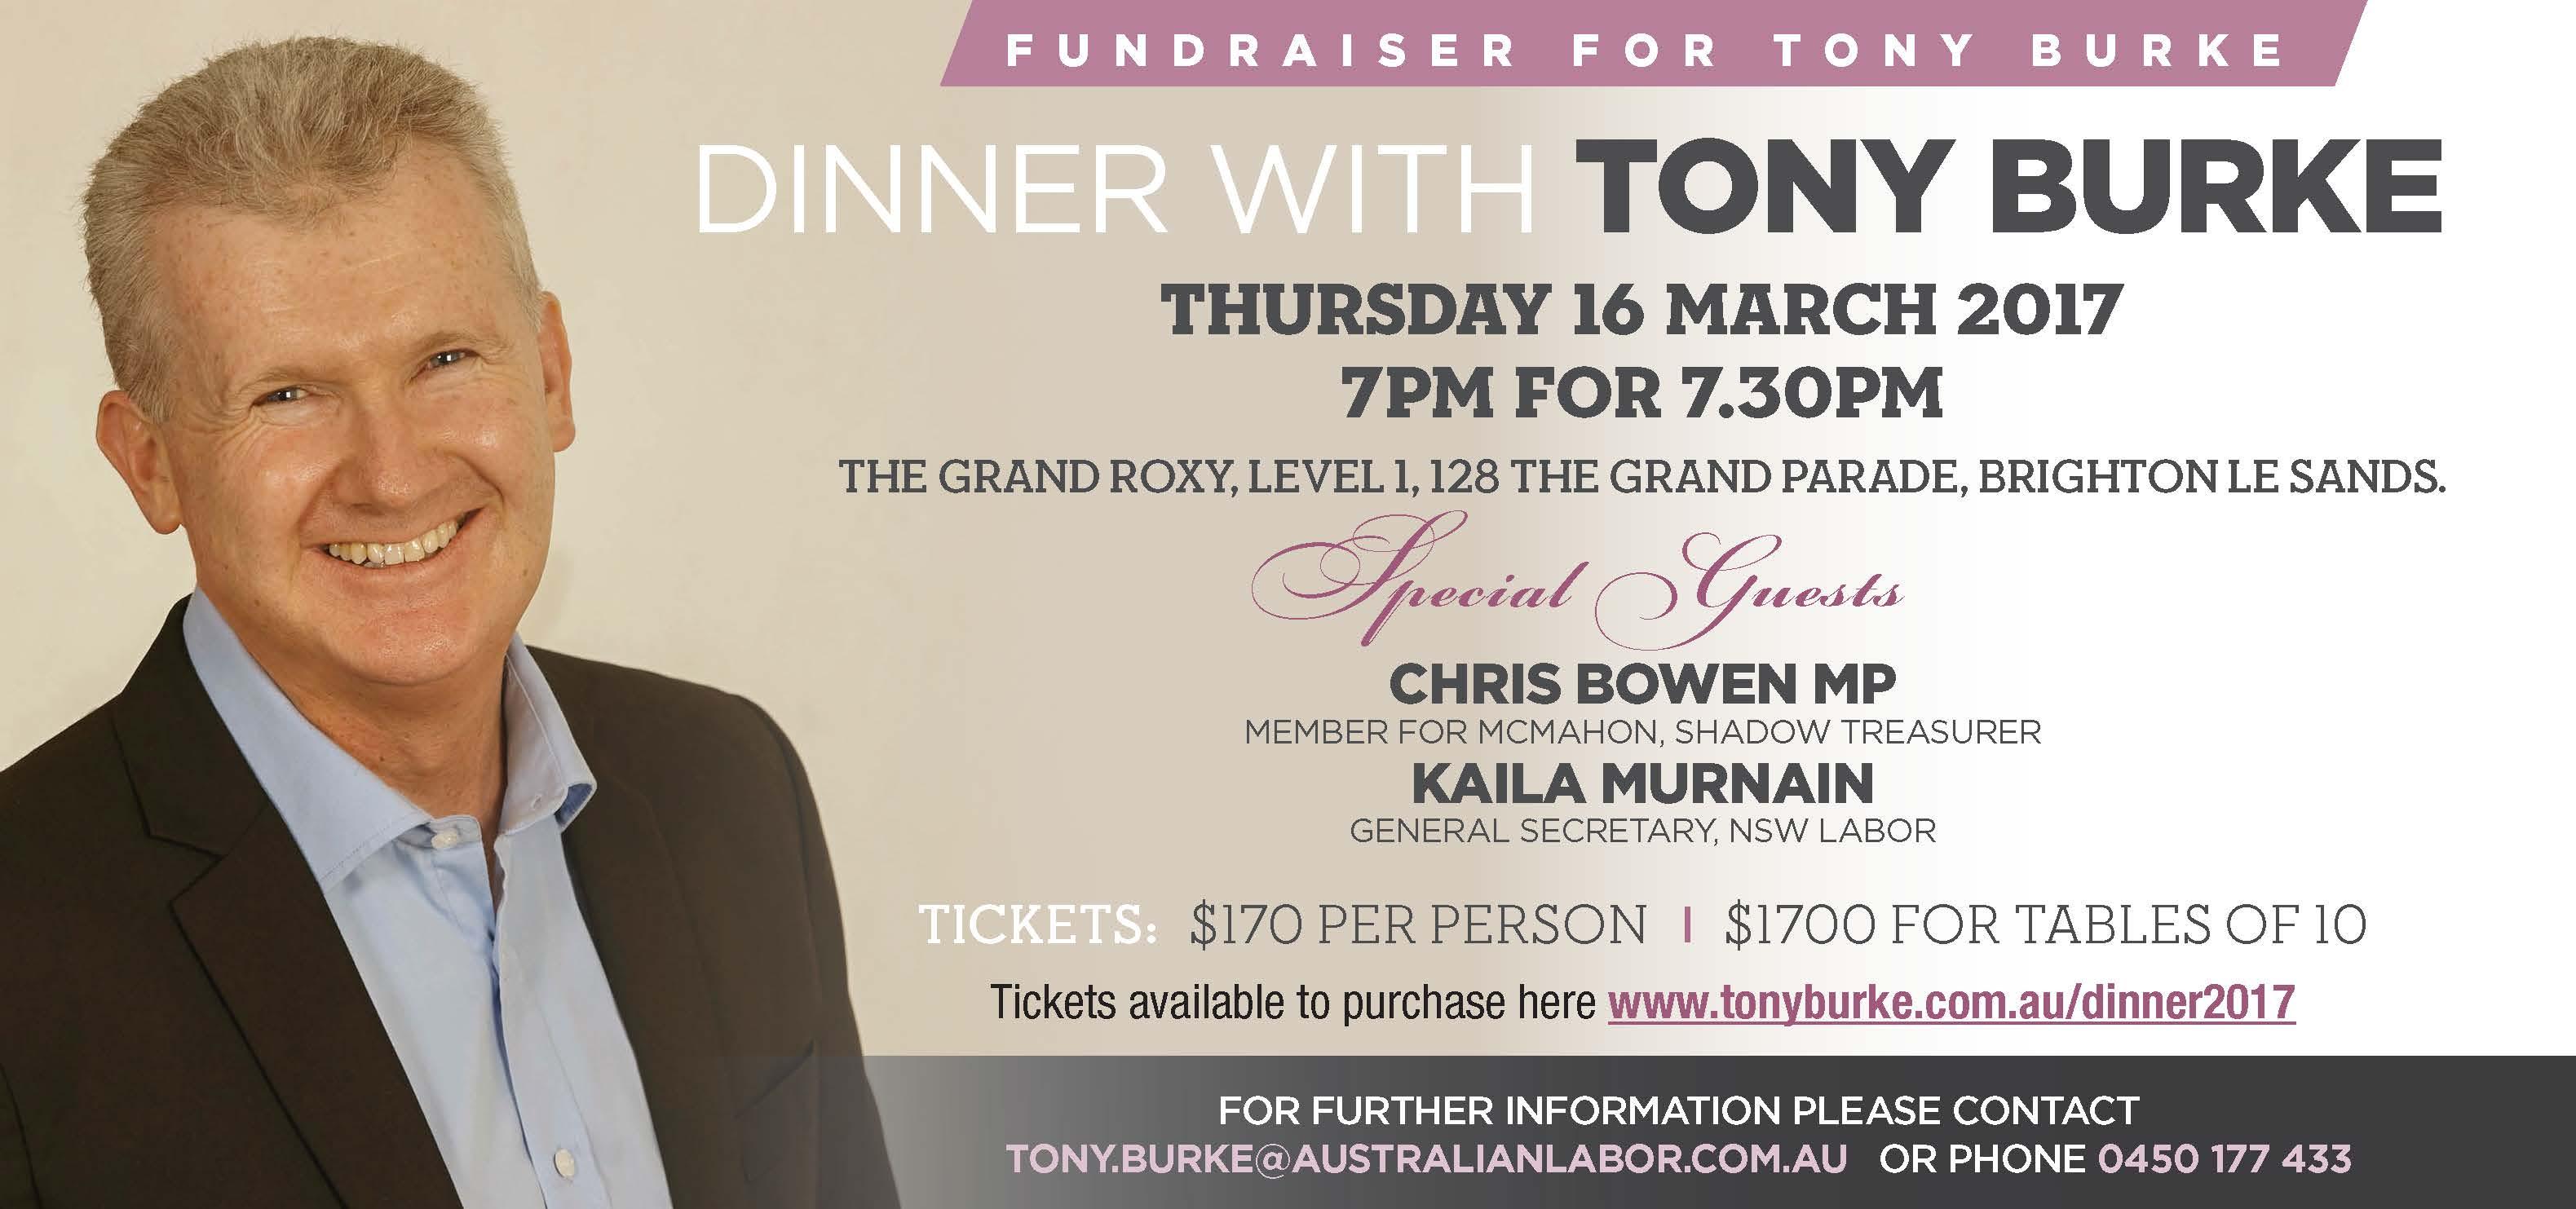 Burke_Fundraiser_Invite_Bowen_2017_EMAIL.jpg